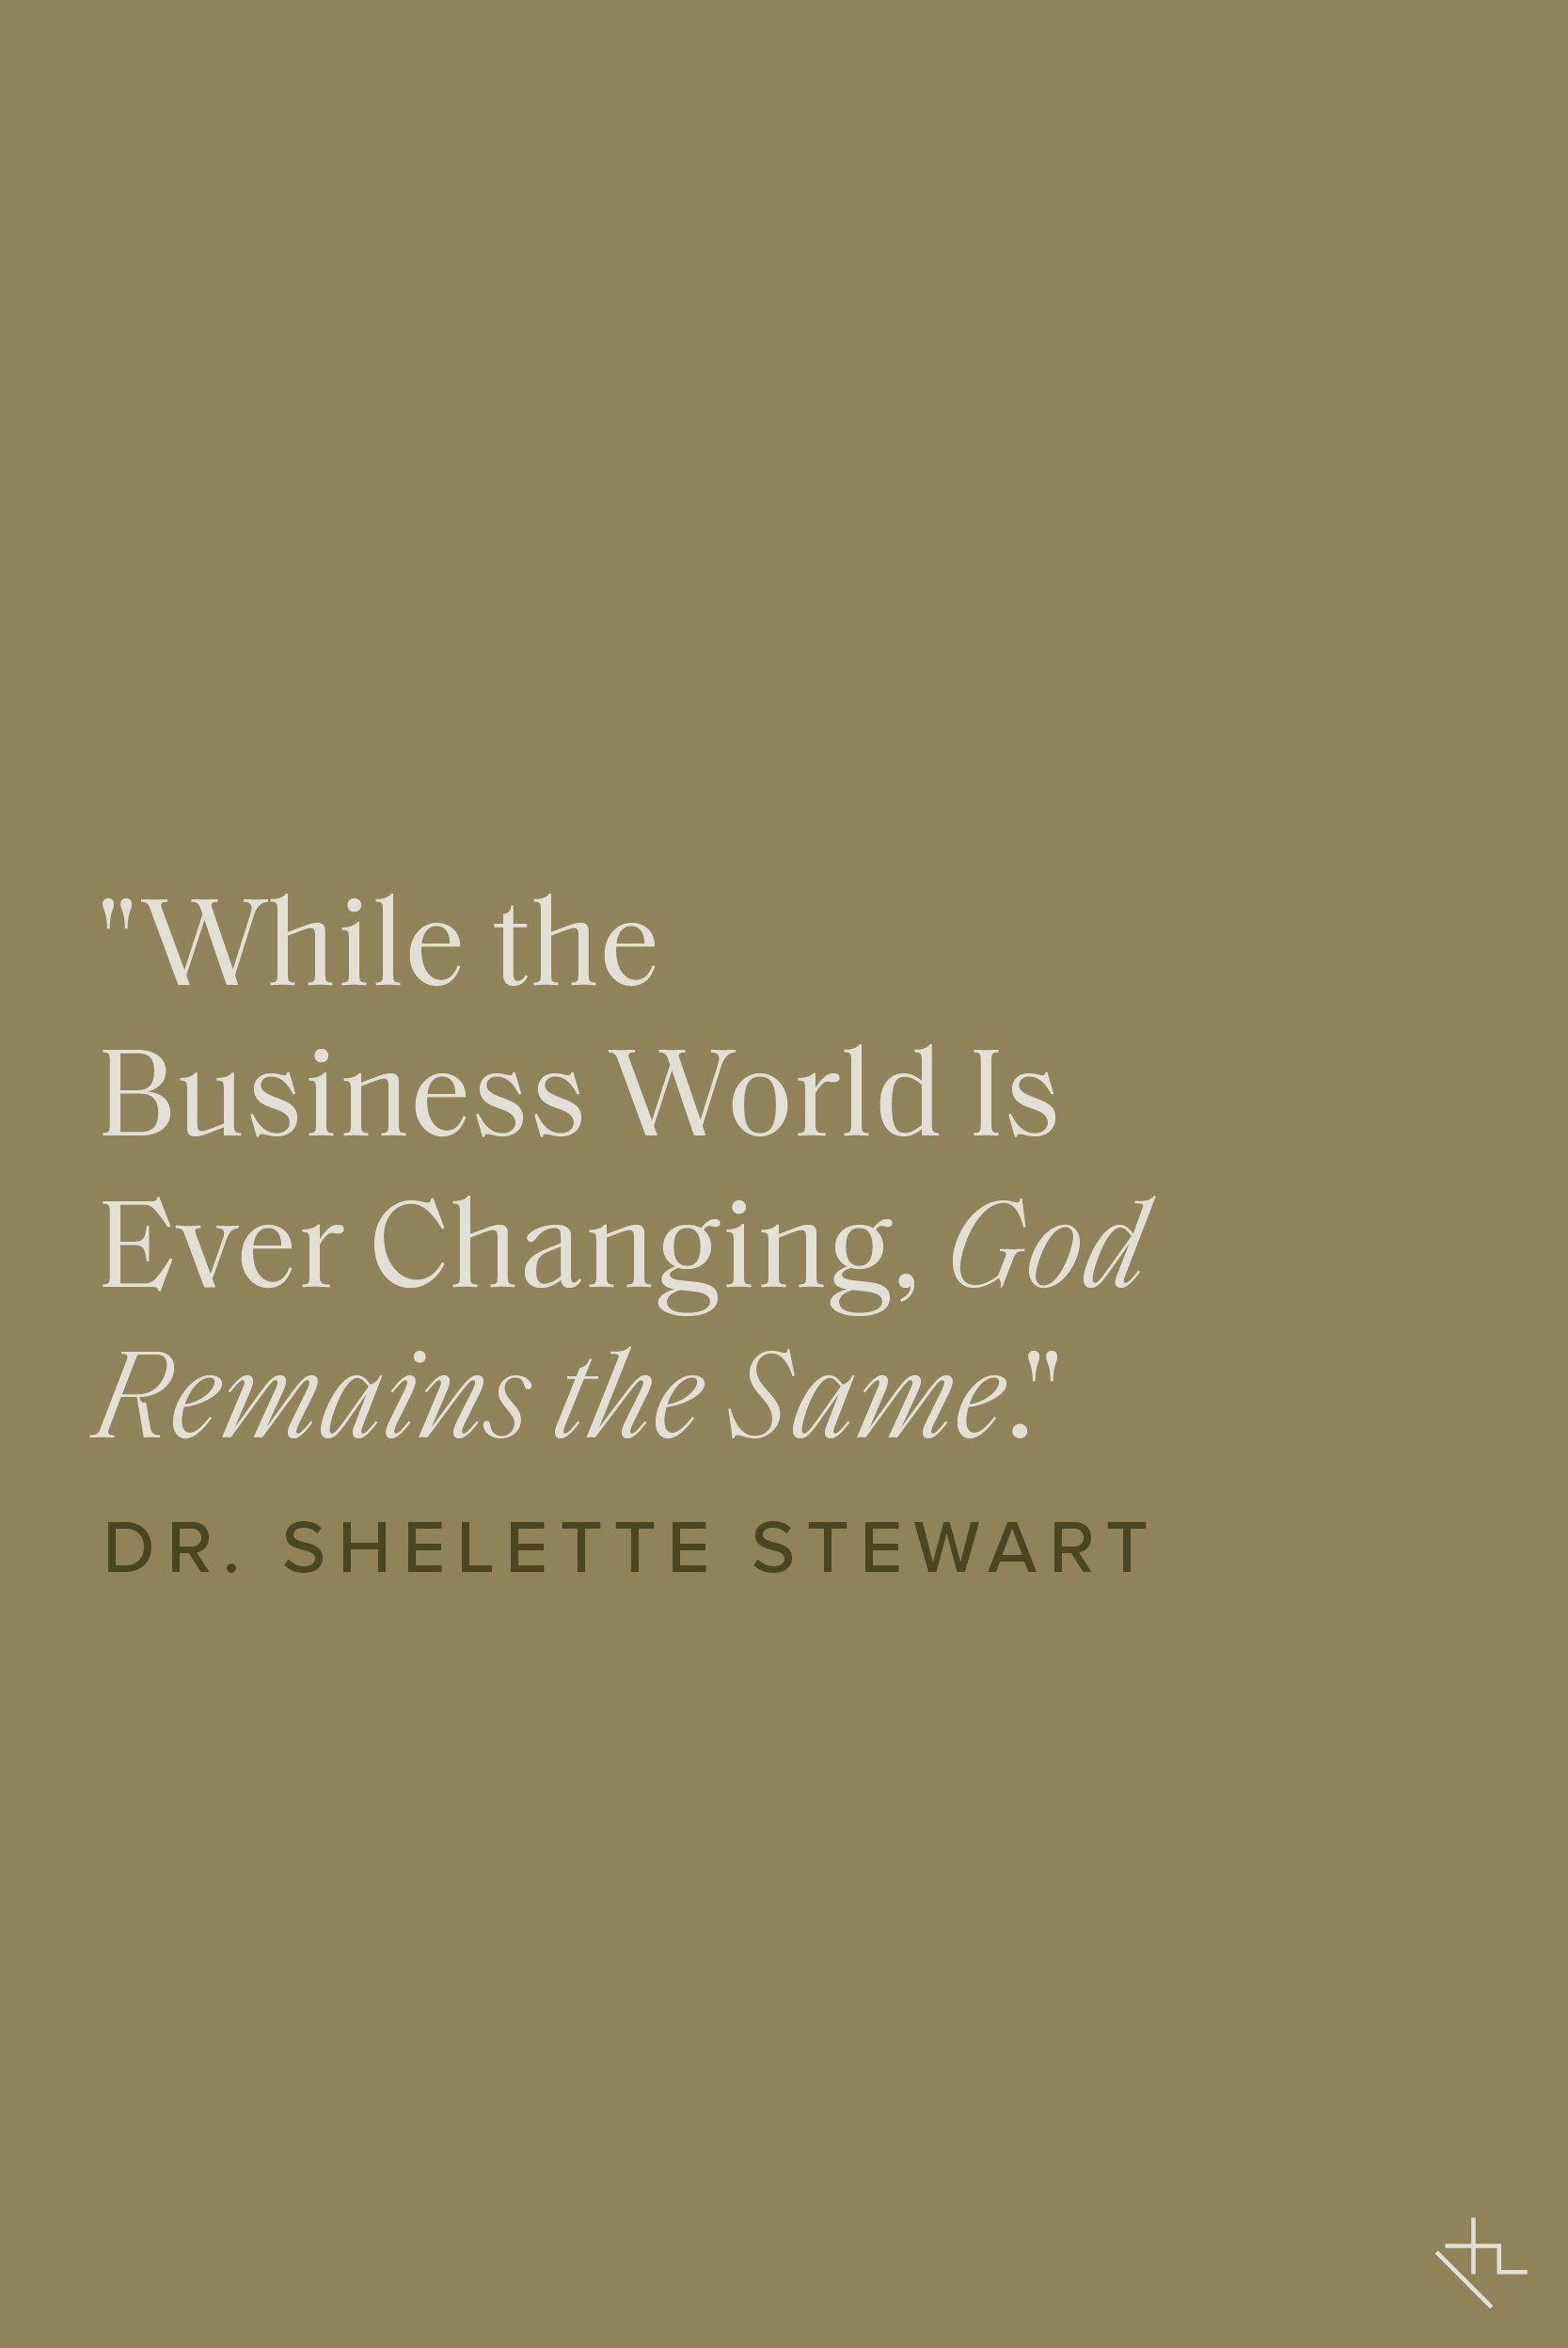 Dr. Shelette Stewart - Pinterest Image